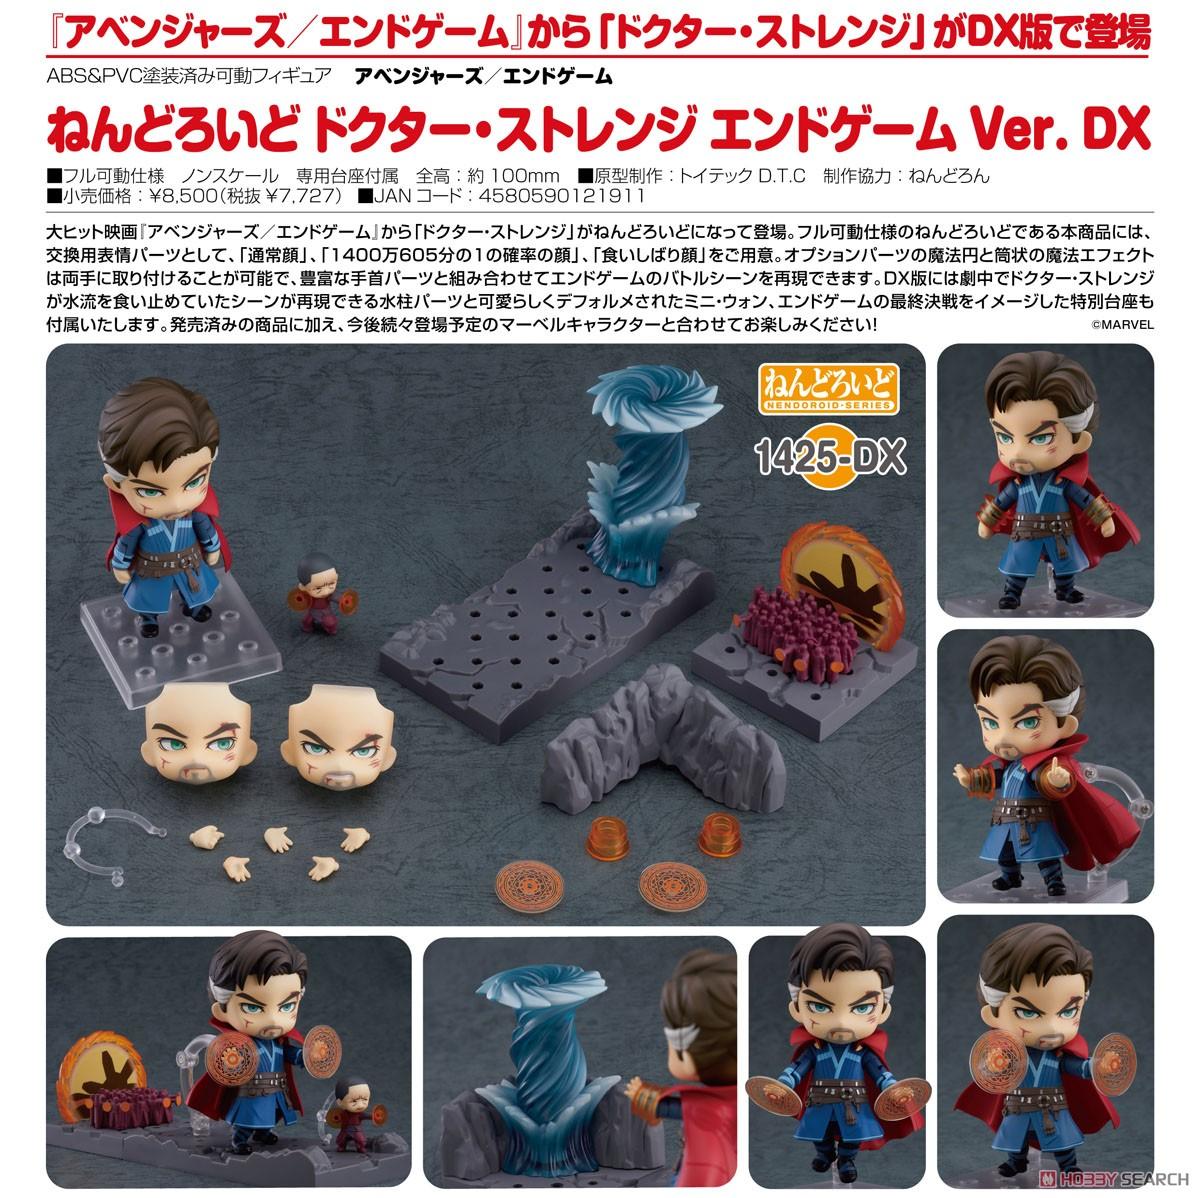 ねんどろいど『ドクター・ストレンジ エンドゲームVer. DX』アベンジャーズ デフォルメ可動フィギュア-008